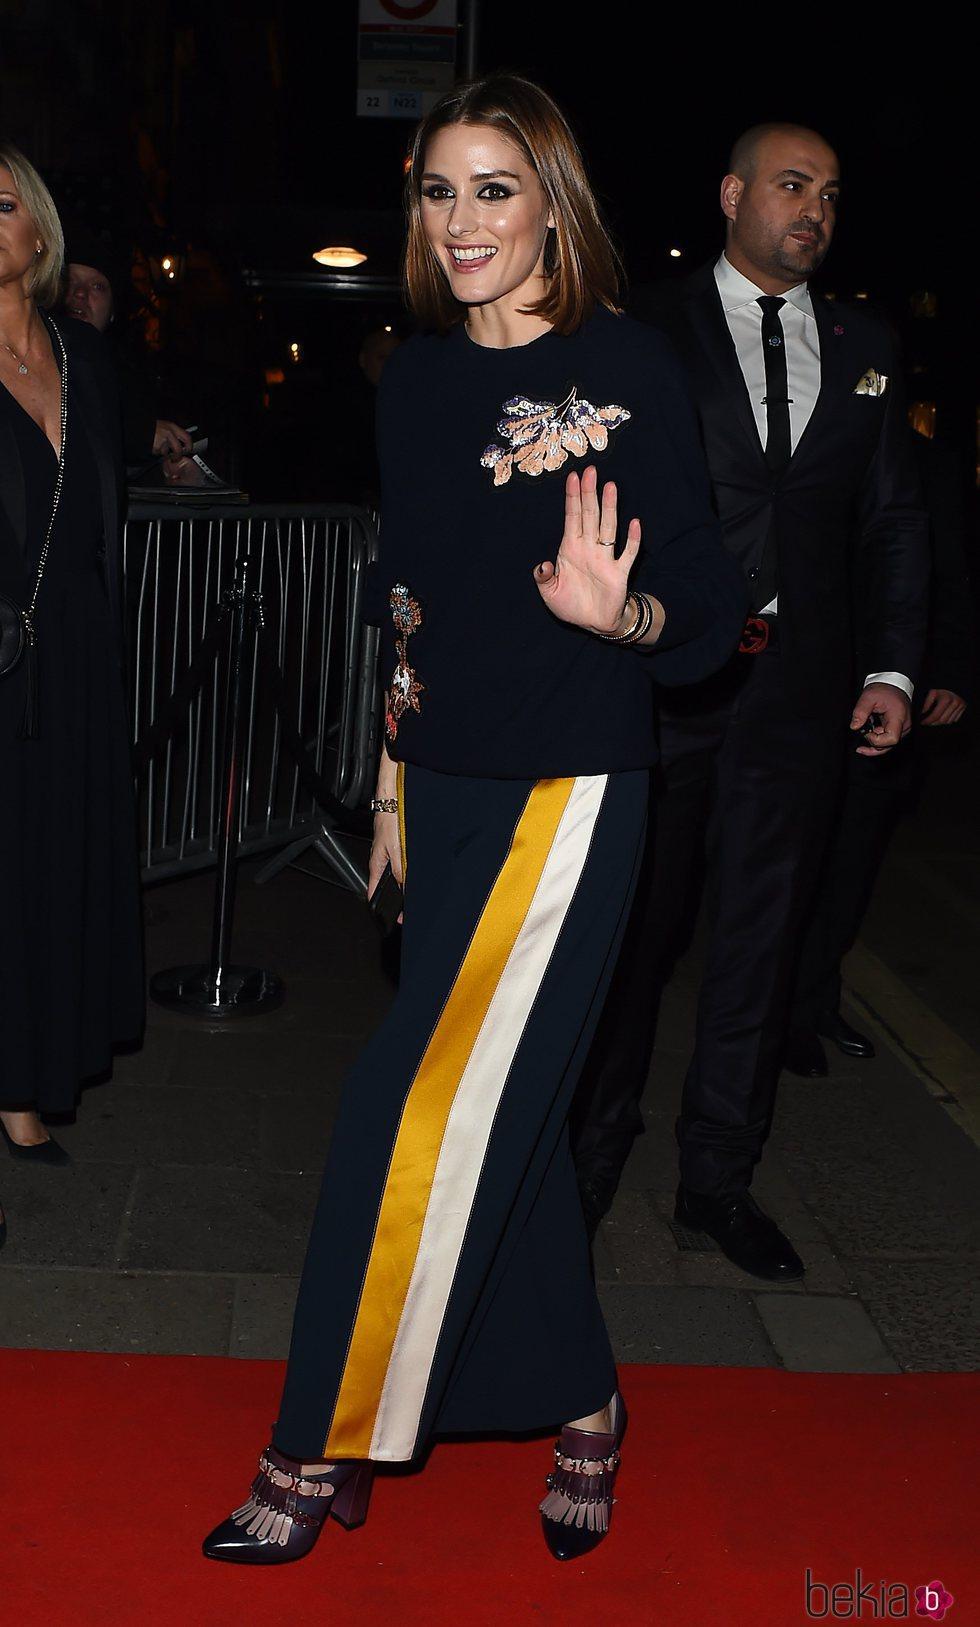 Olivia Palermo en la fiesta de Vogue tras los BAFTA